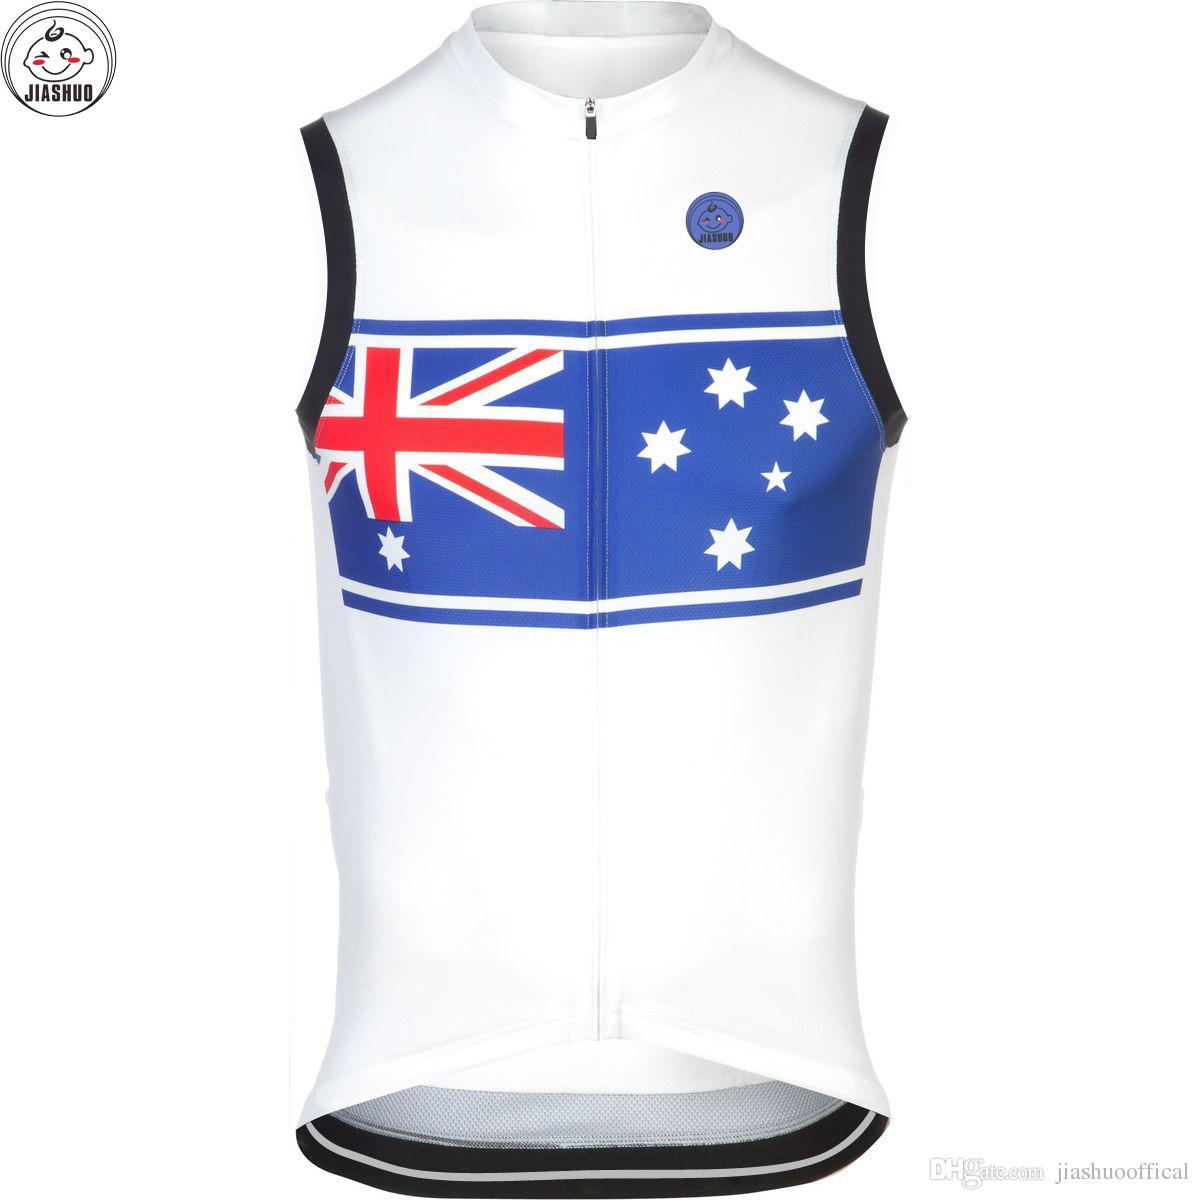 Австралия новый 2017 велосипед mtb road RACE Team Pro Велоспорт жилеты Джерси / рубашки топы одежда дыхание Air JIASHUO индивидуальные